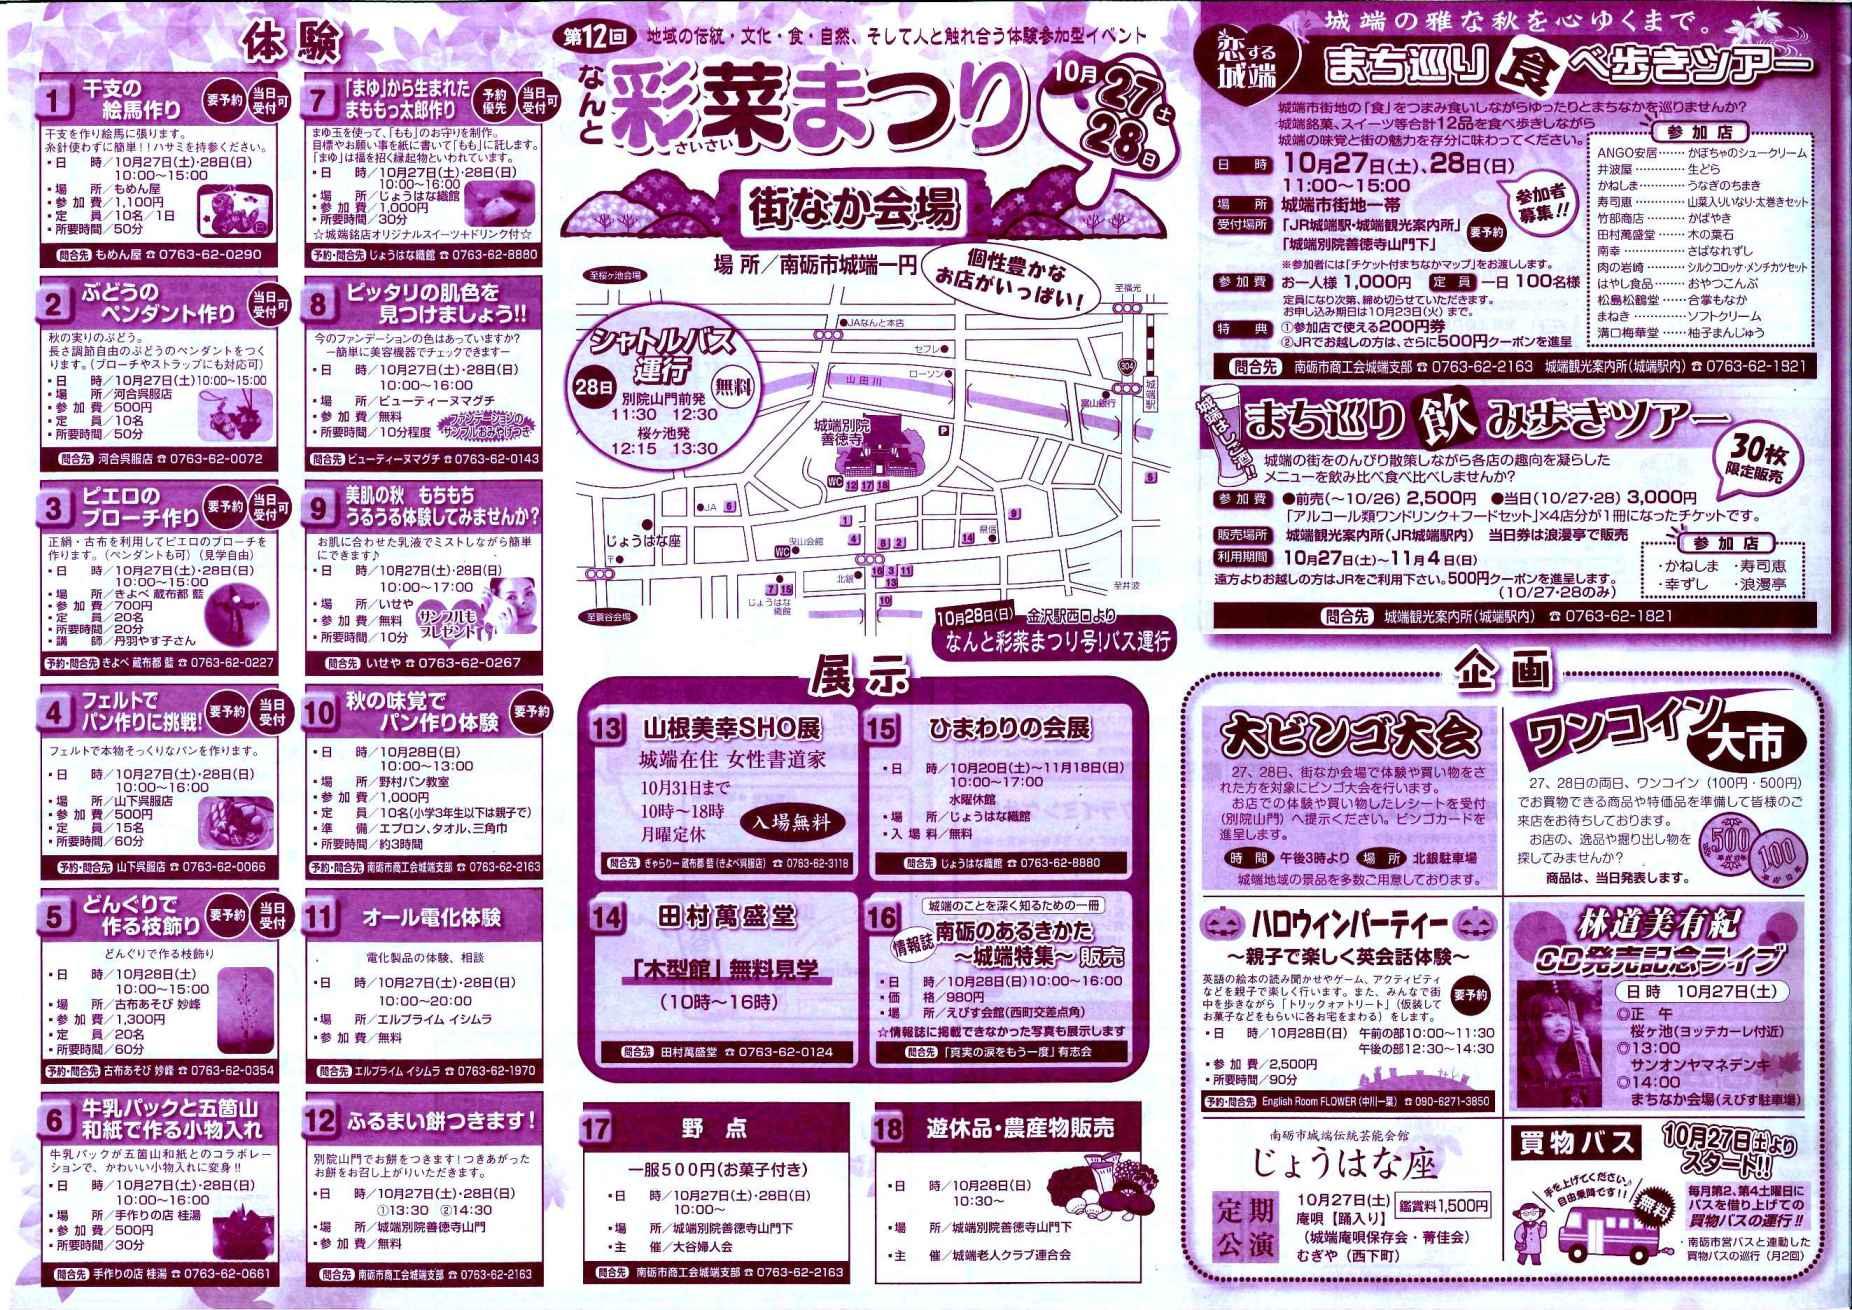 20121025104308919_0001.jpg